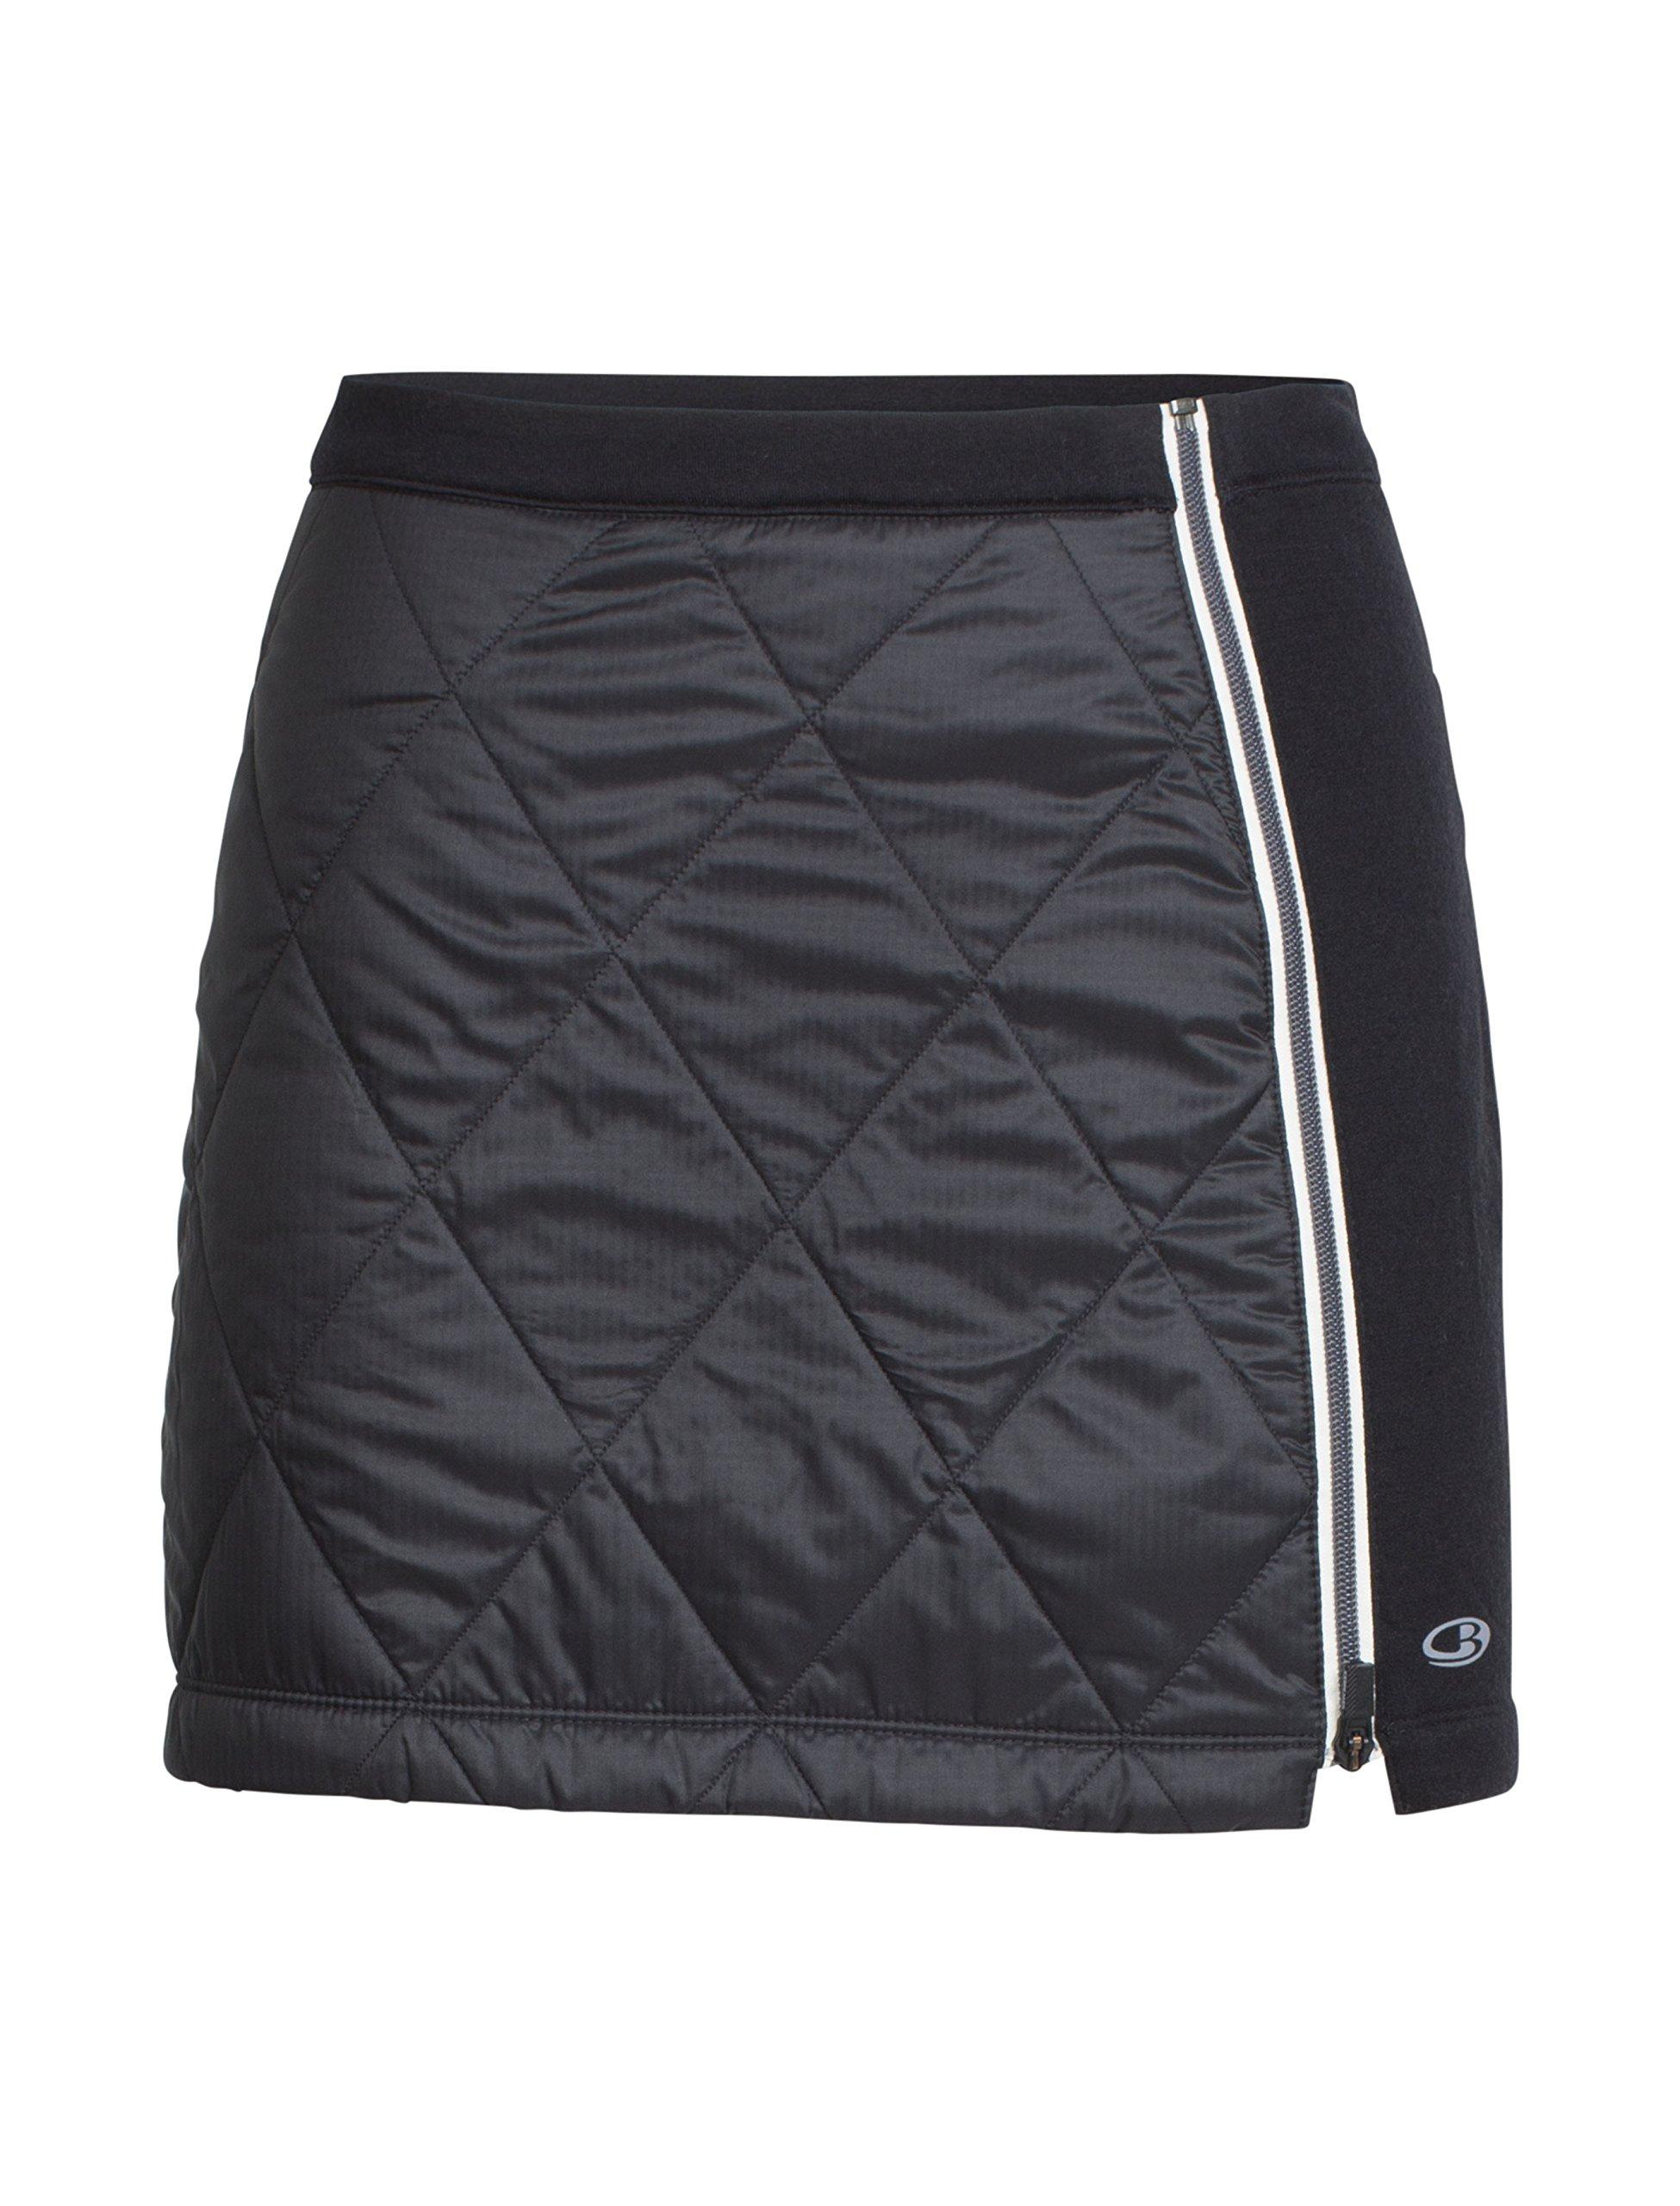 Icebreaker Merino Women's Helix Skirt, Black/Snow, Large